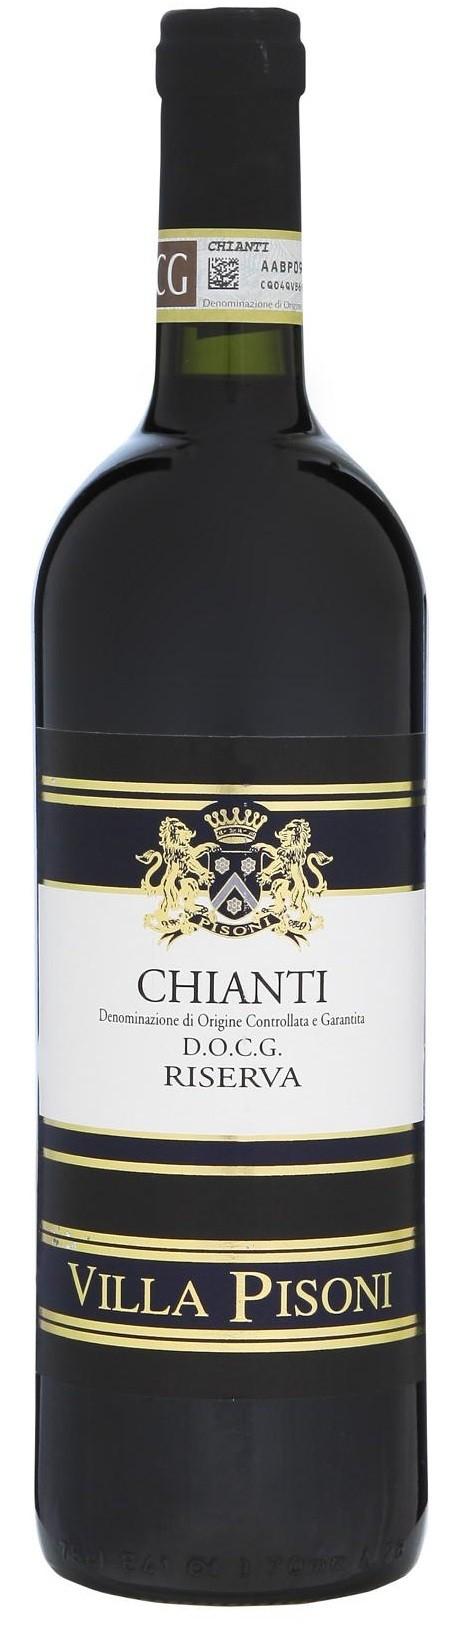 Chianti 2015, DOCG Villa Pisoni, Toscana